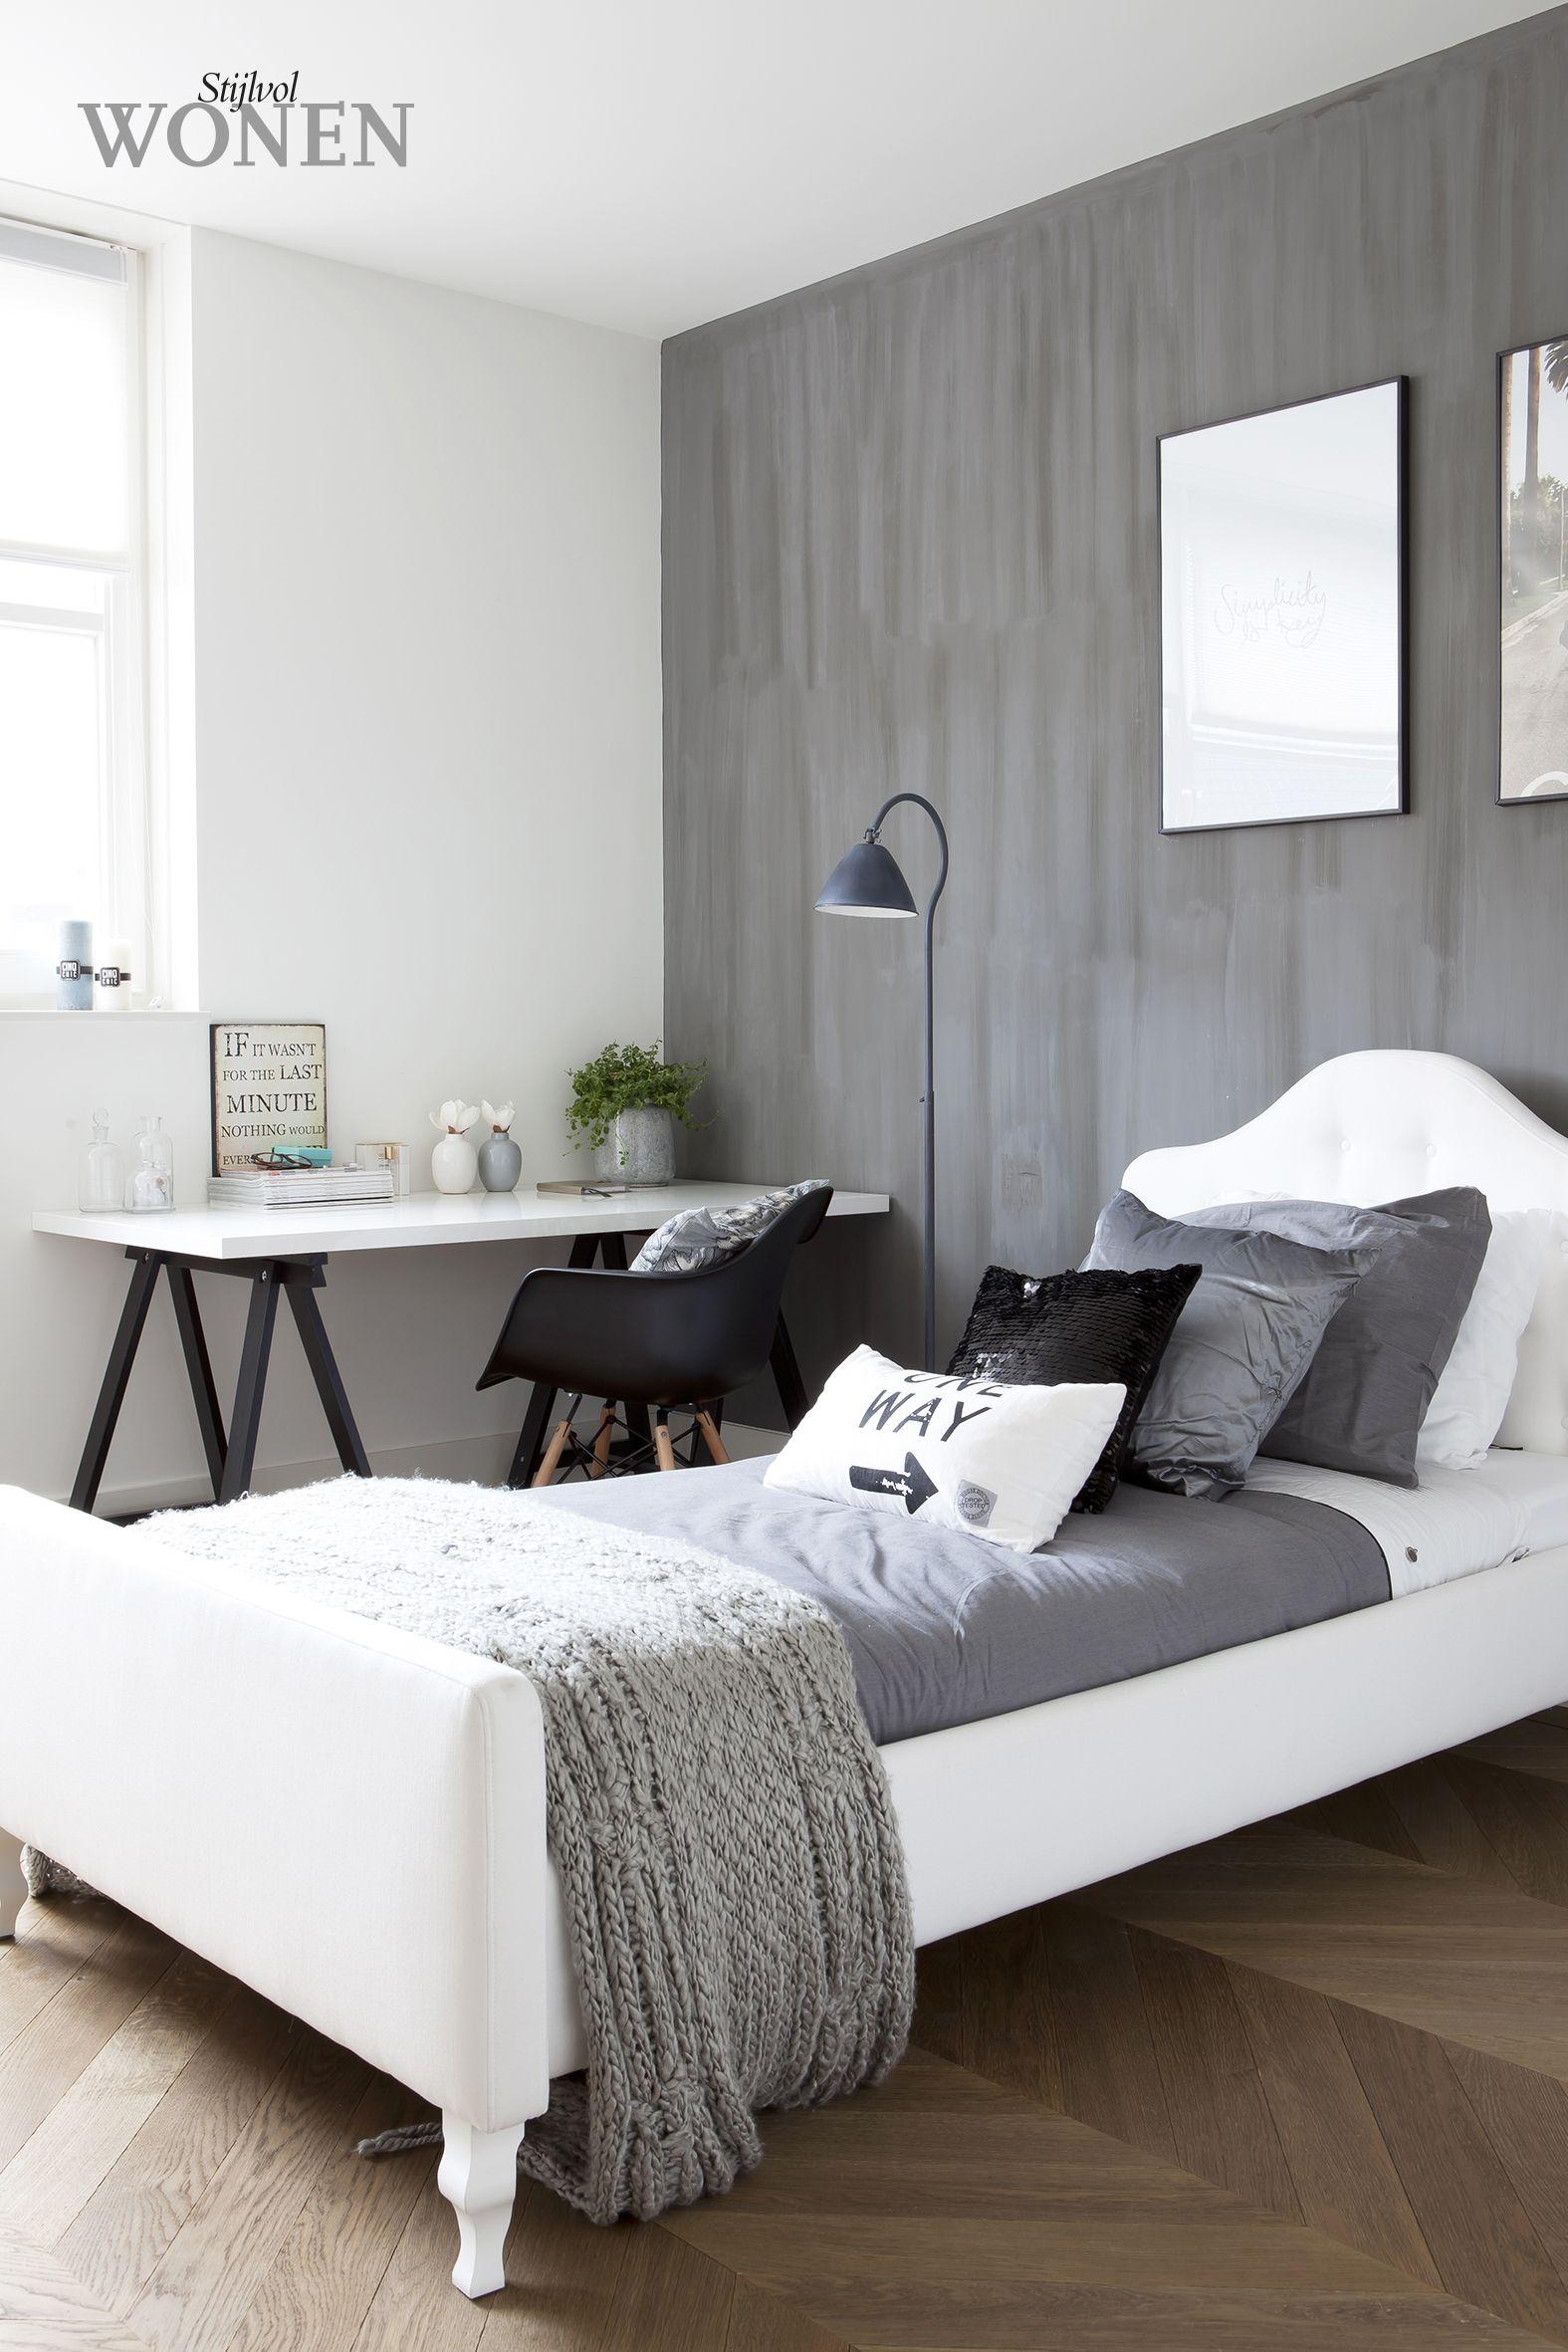 kalkverf o/d muur - Sam | Pinterest - Muur, Slaapkamer en Tienerkamer